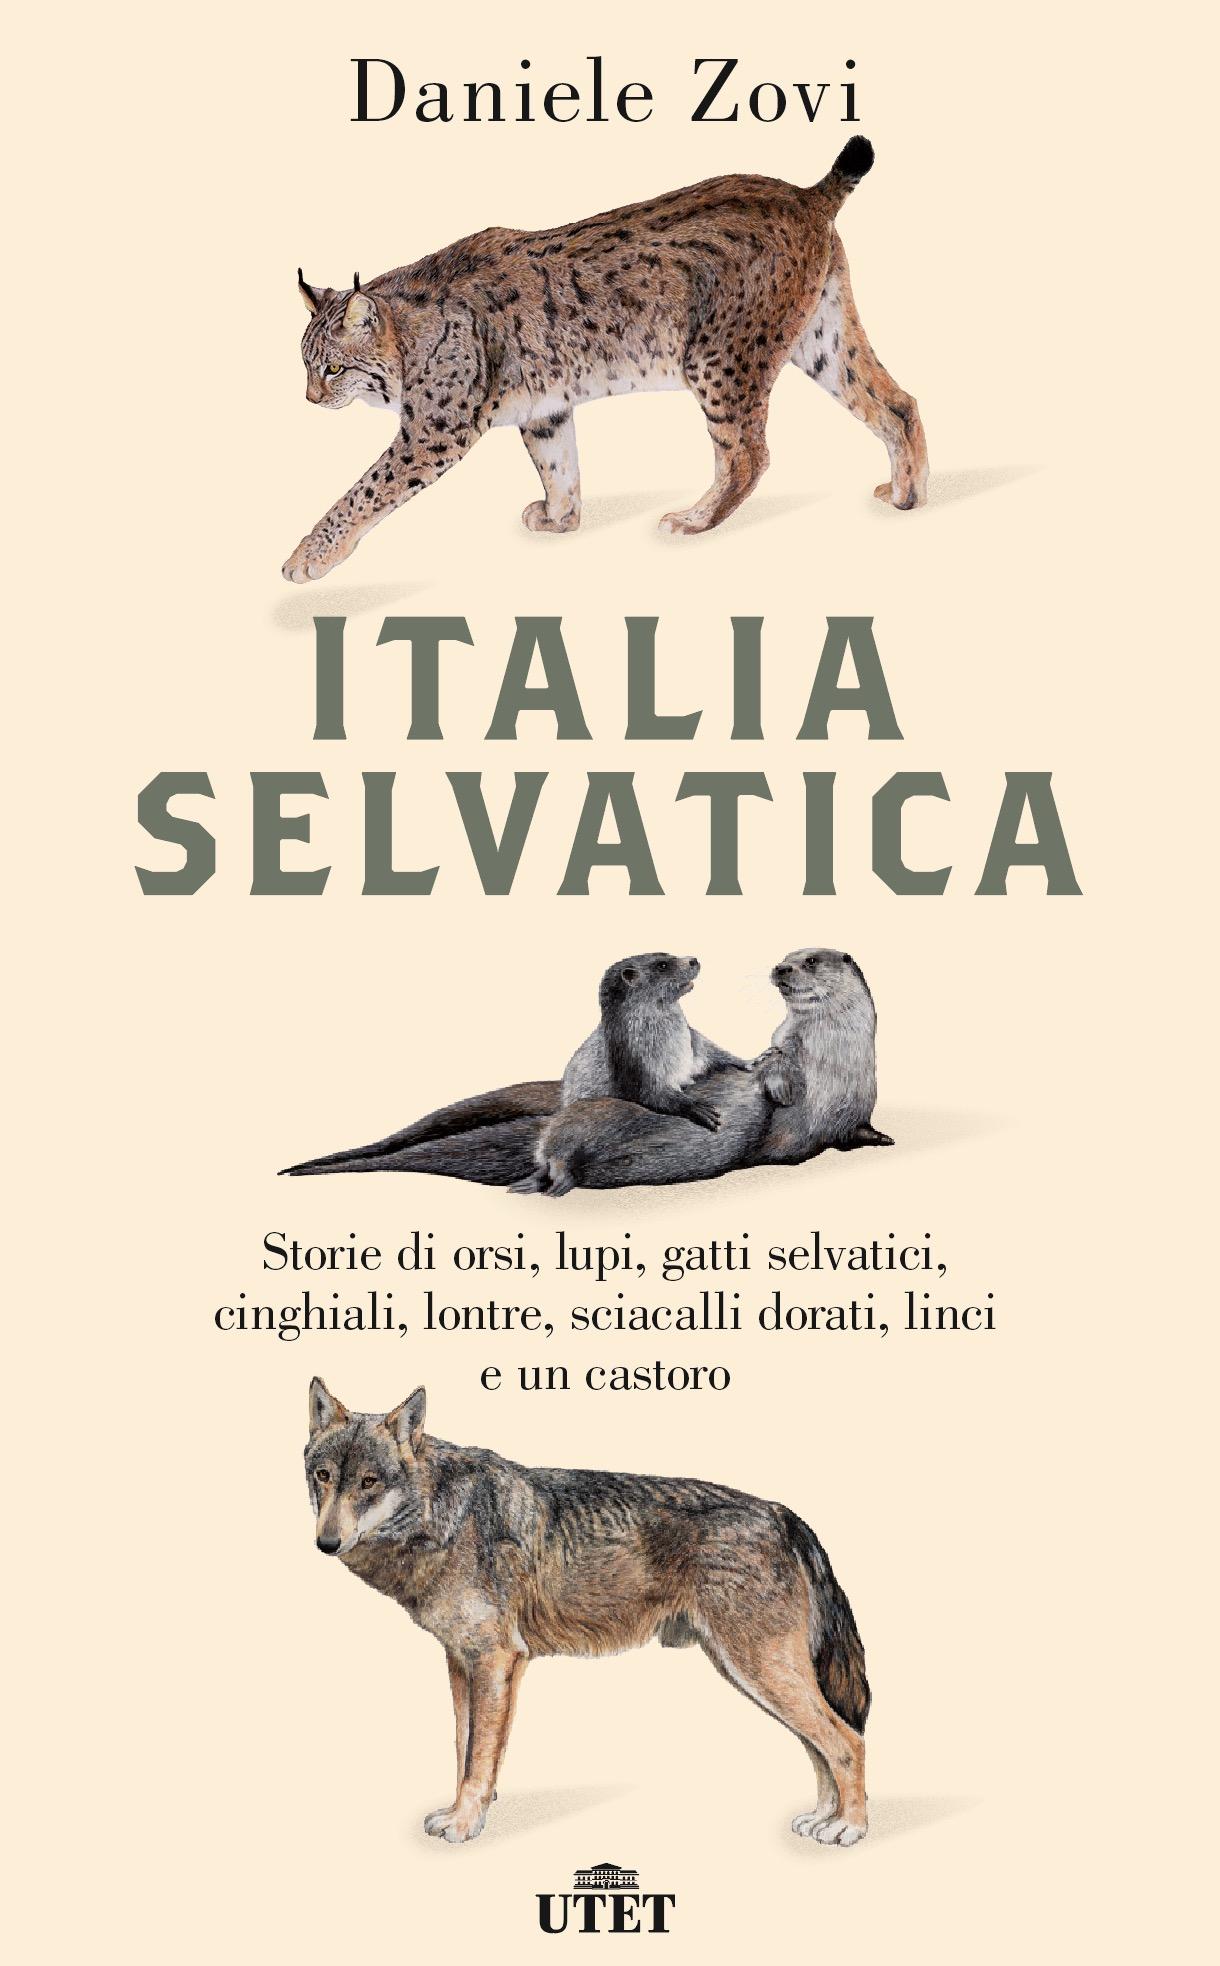 Italia selvatica   Libri   Utet Libri